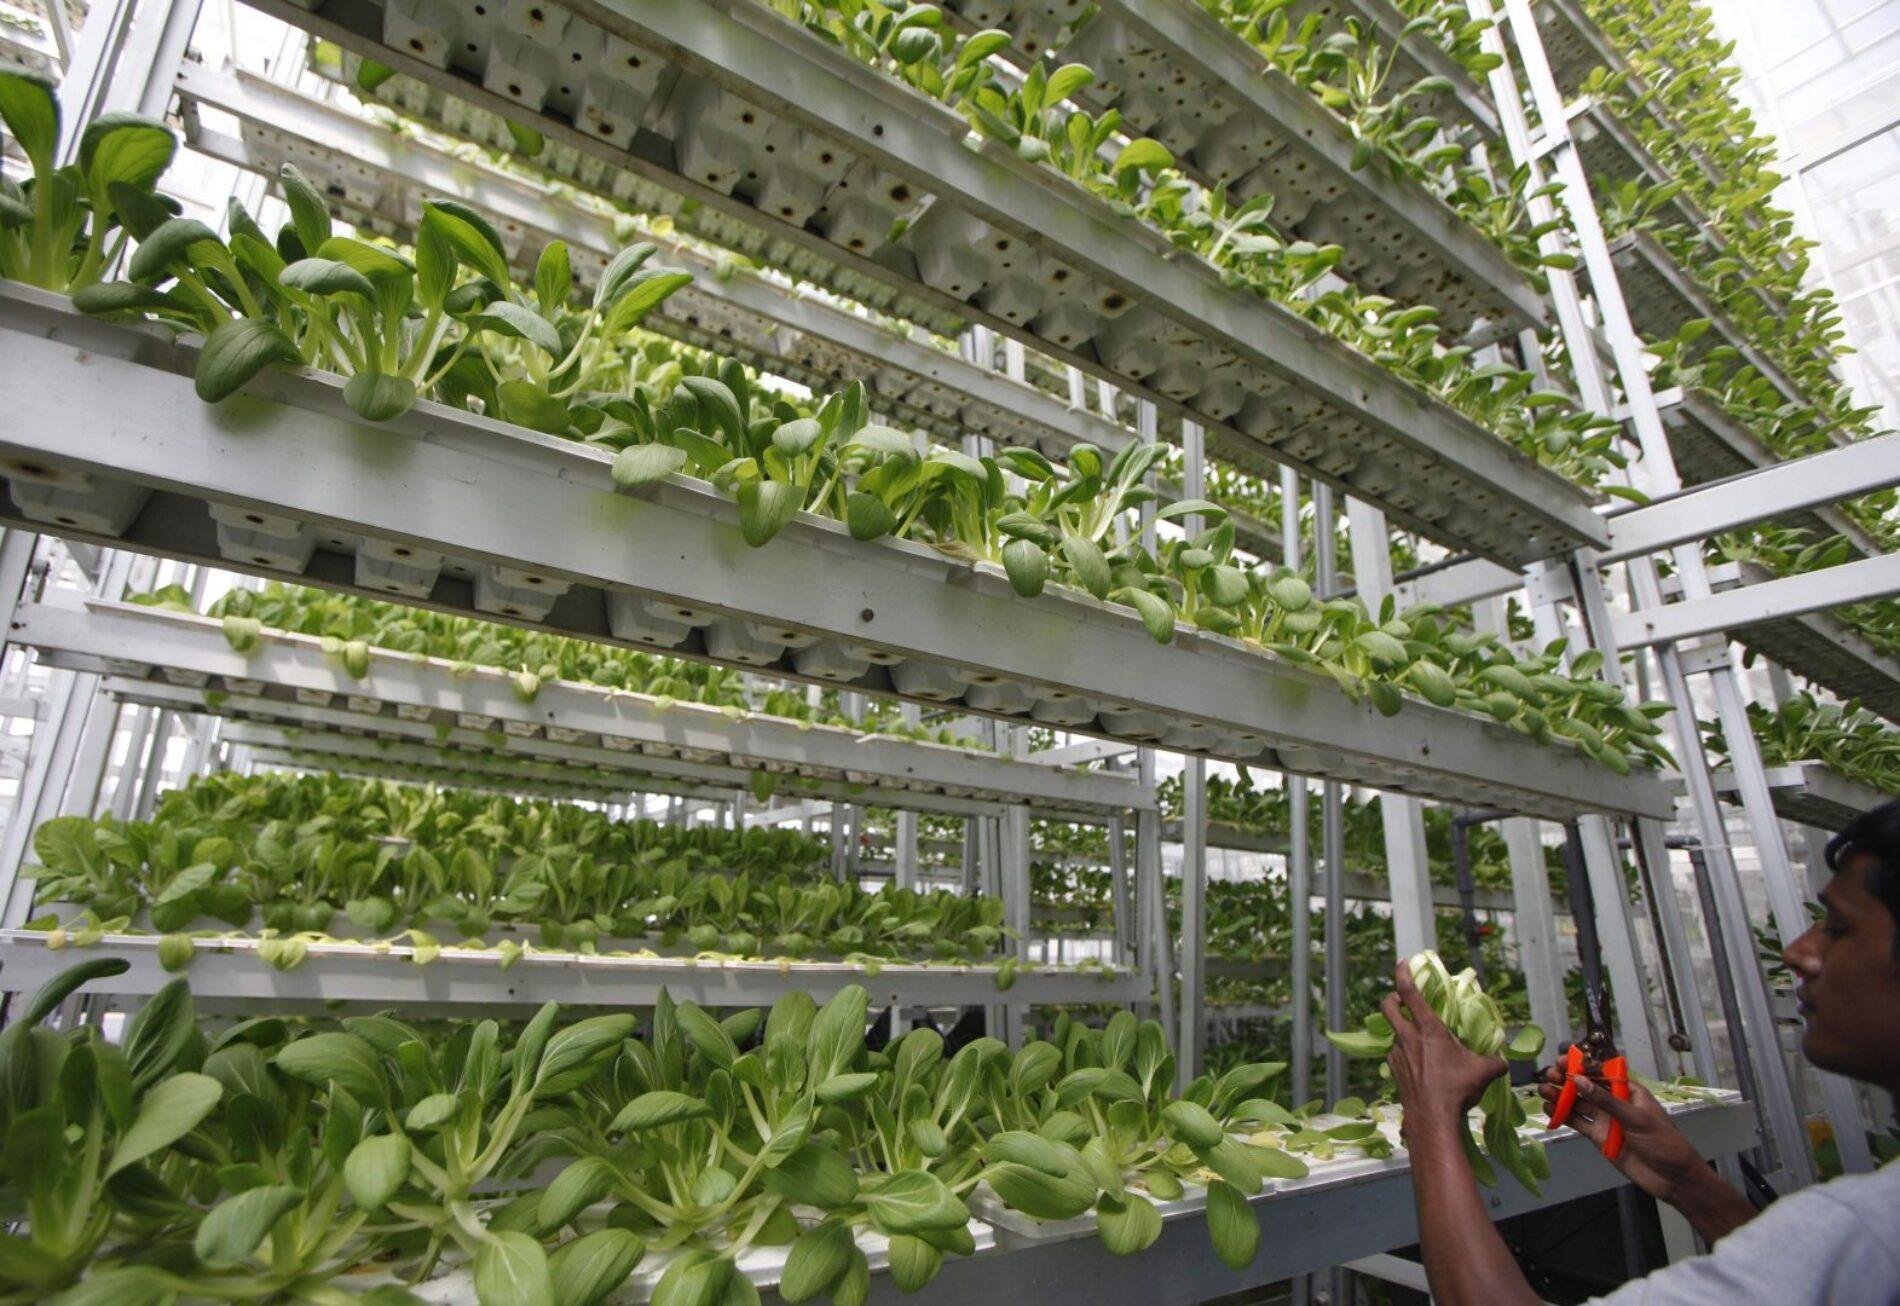 Singapore now has a commercial vertical farm